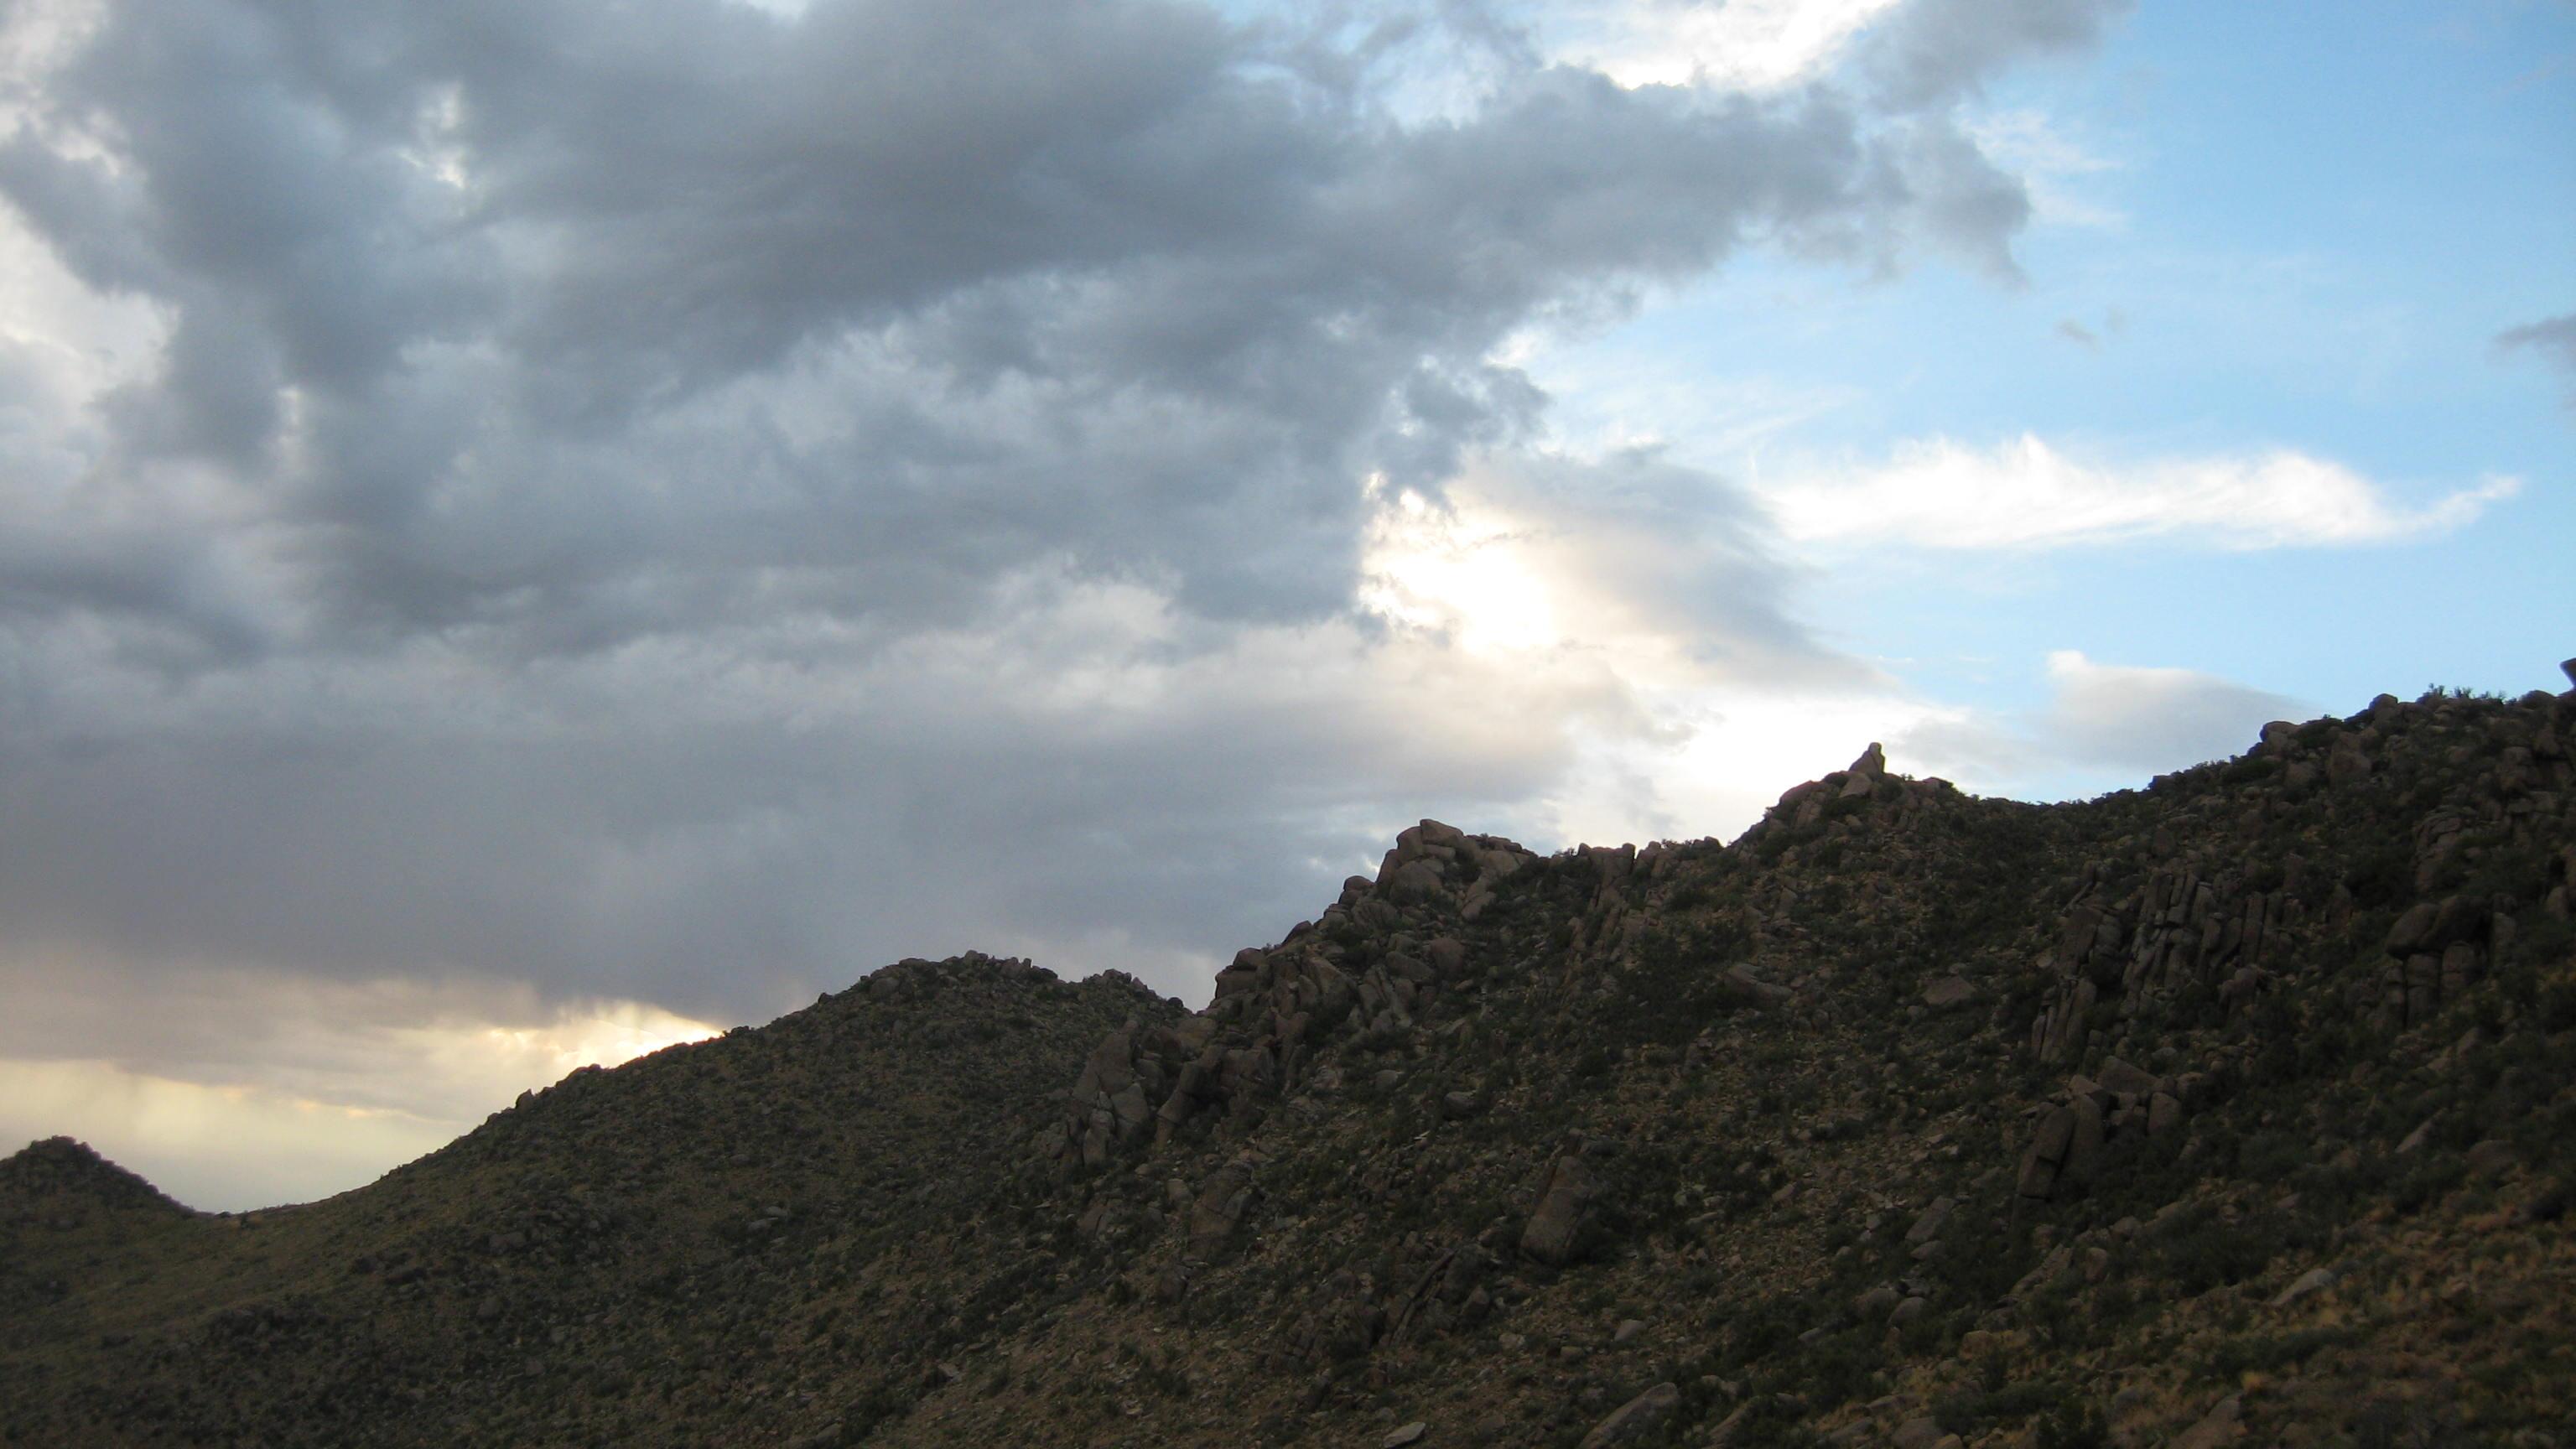 Arizona yavapai county yarnell - Sunset Arizona Southwest Az Congress Yarnell